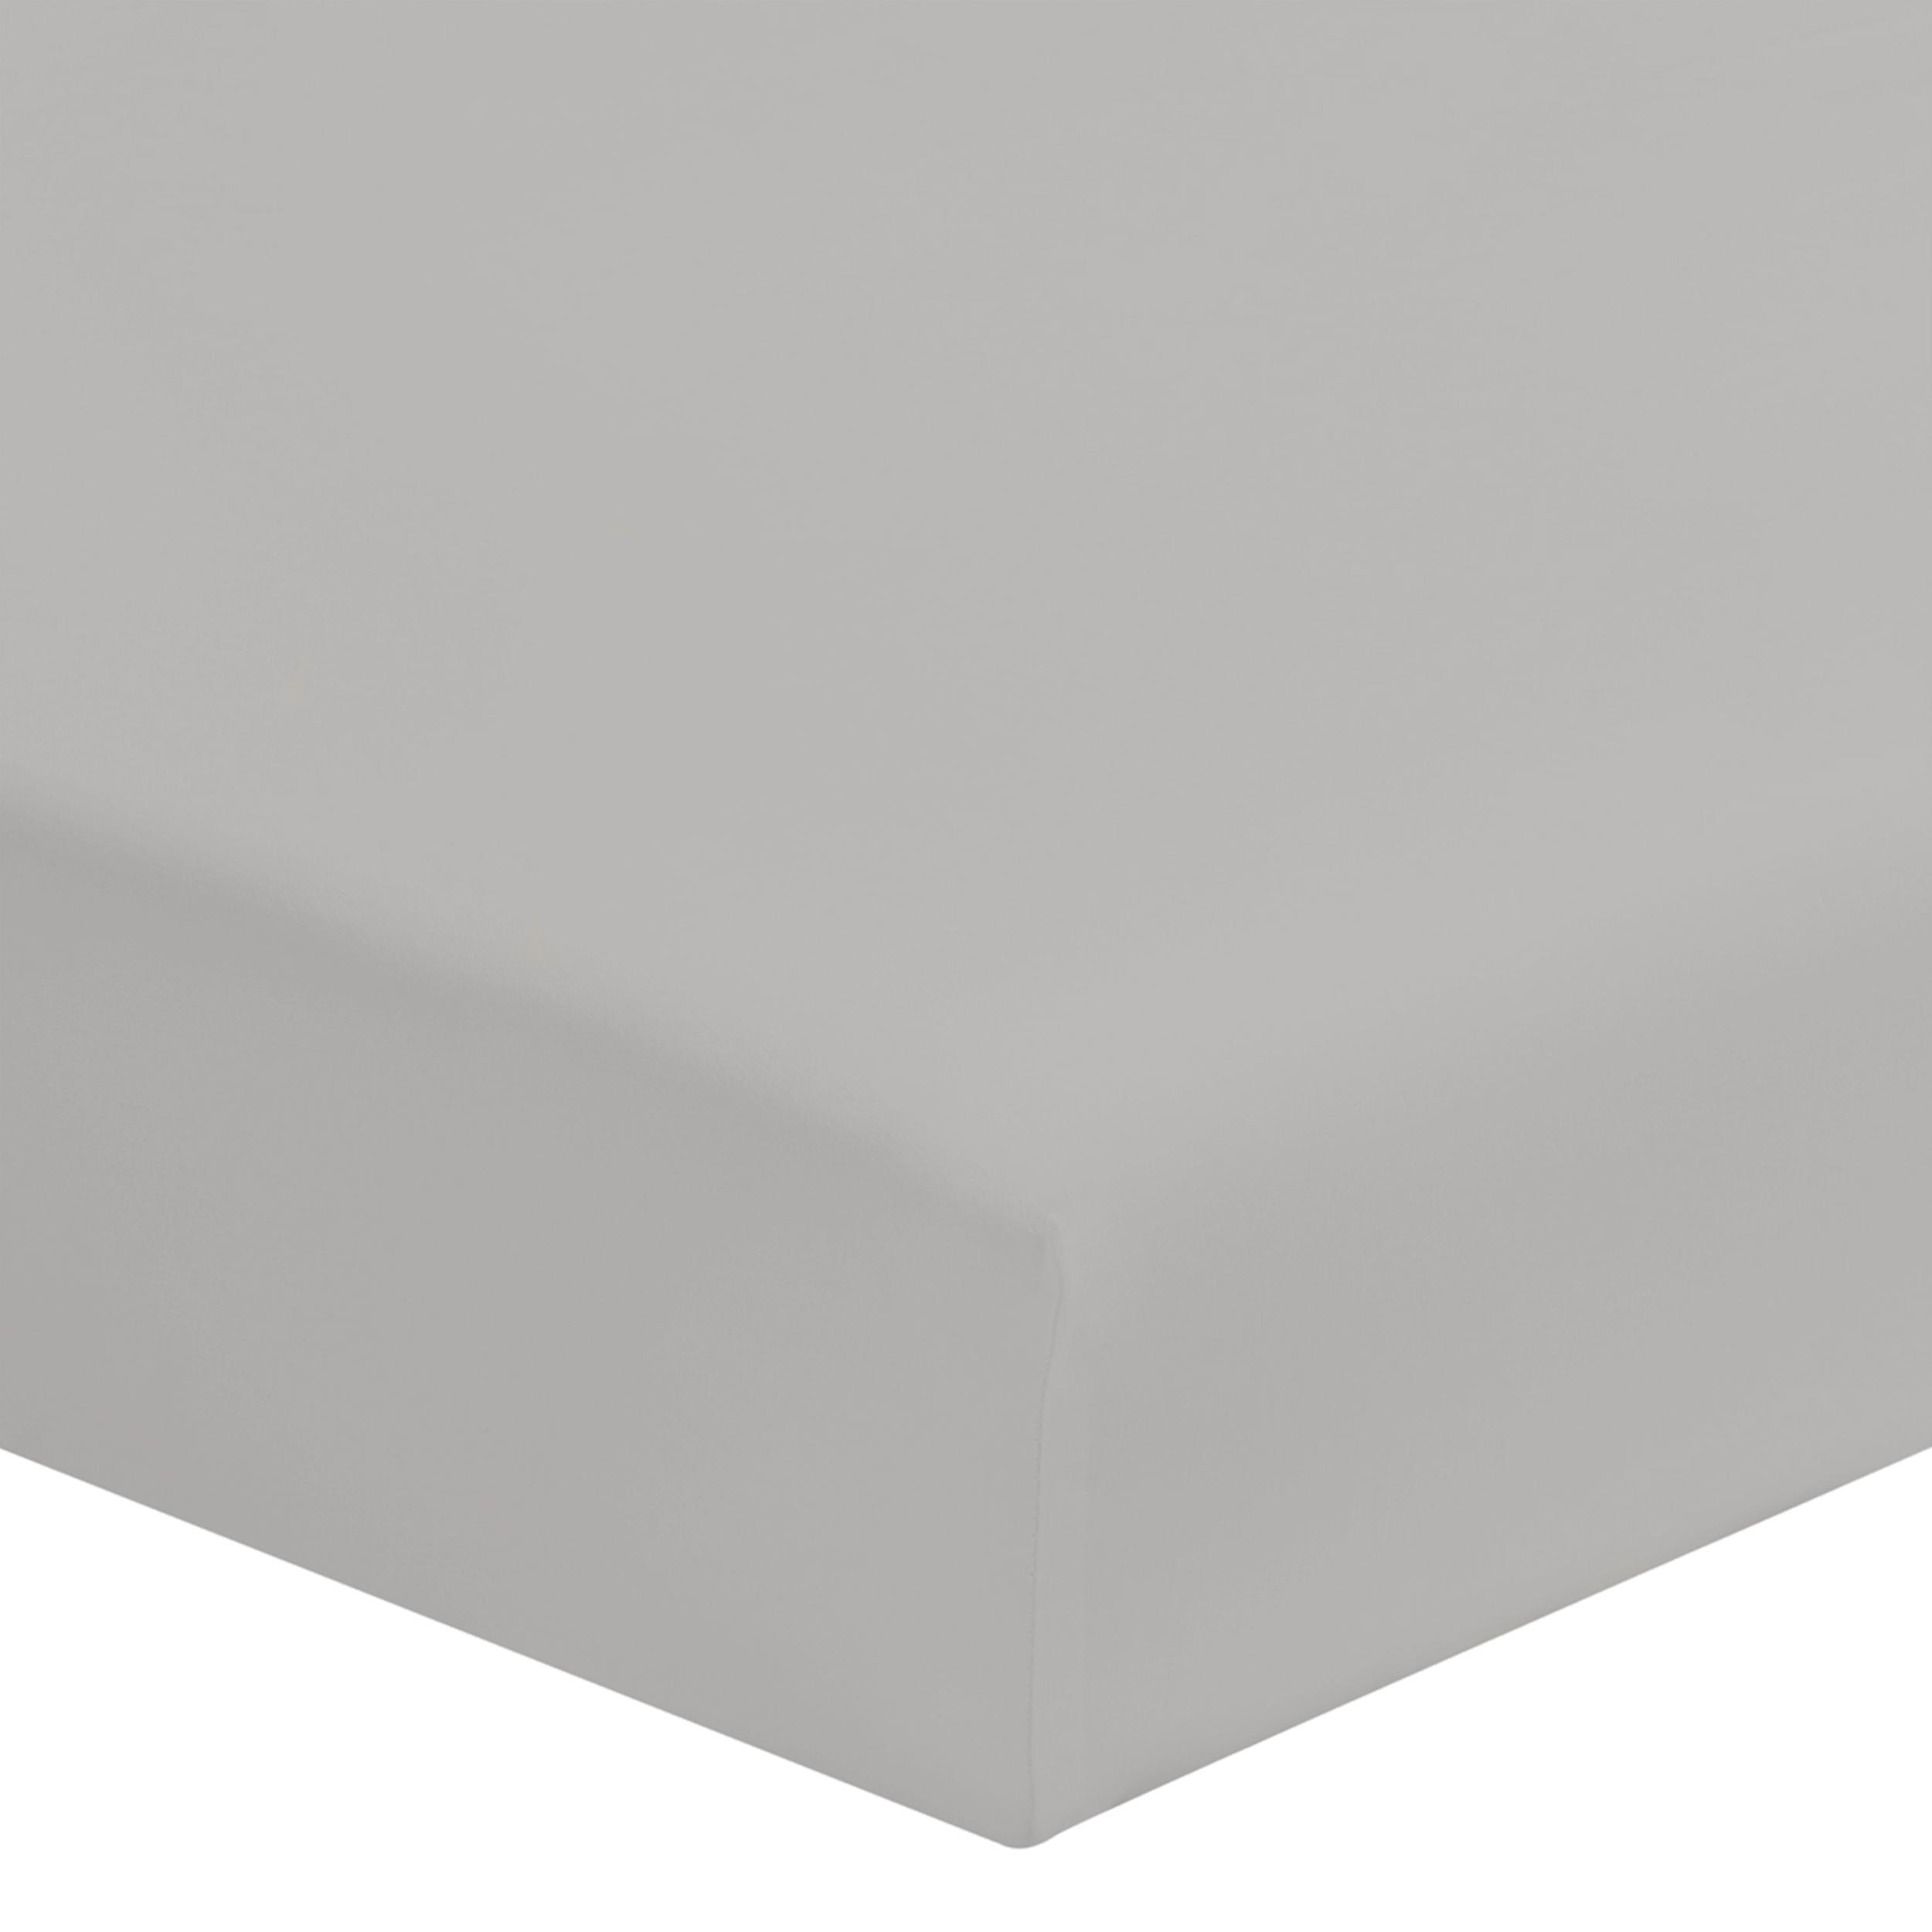 Drap housse uni en coton, gris 80x200